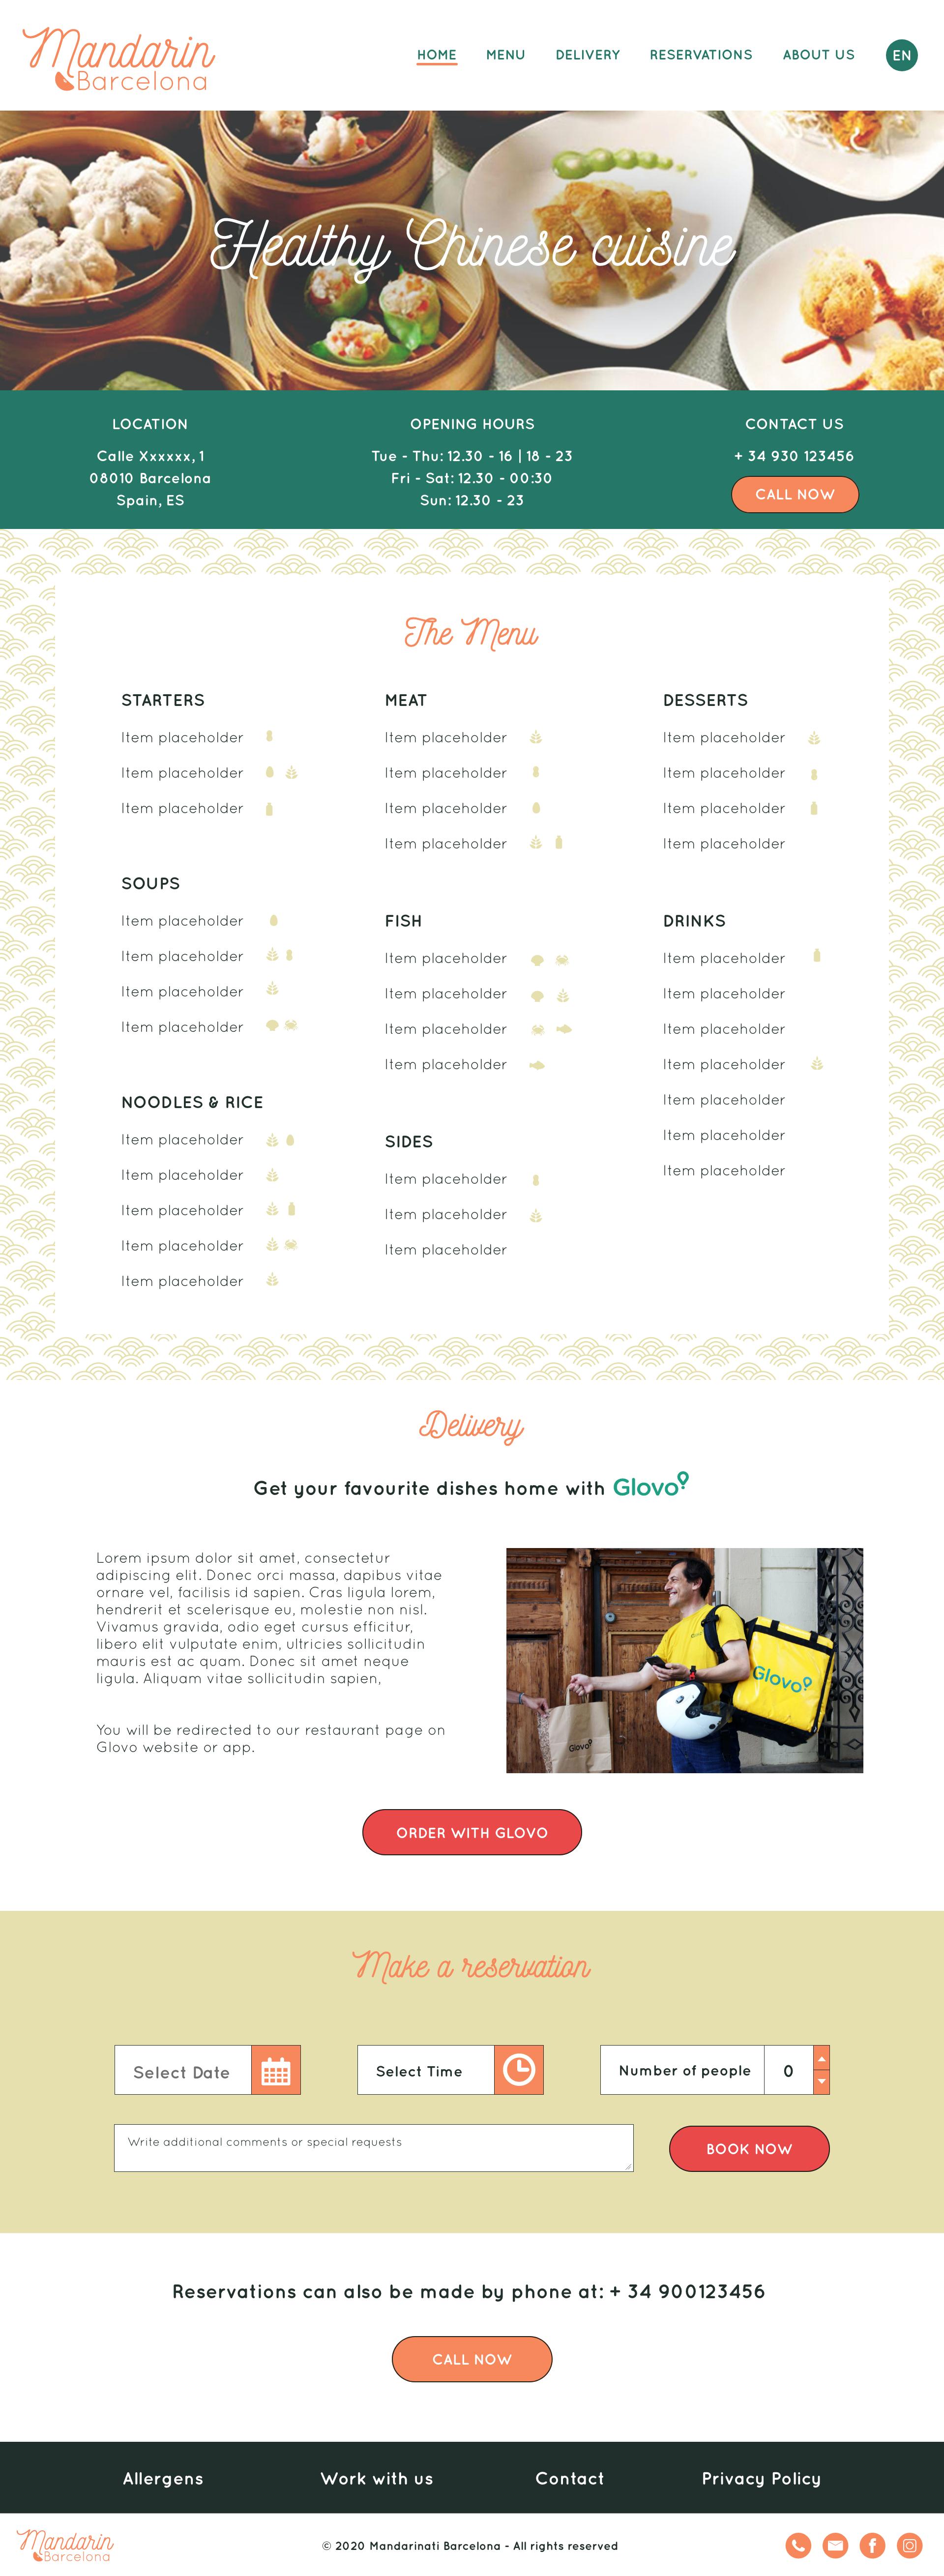 Mandarin Website Homepage